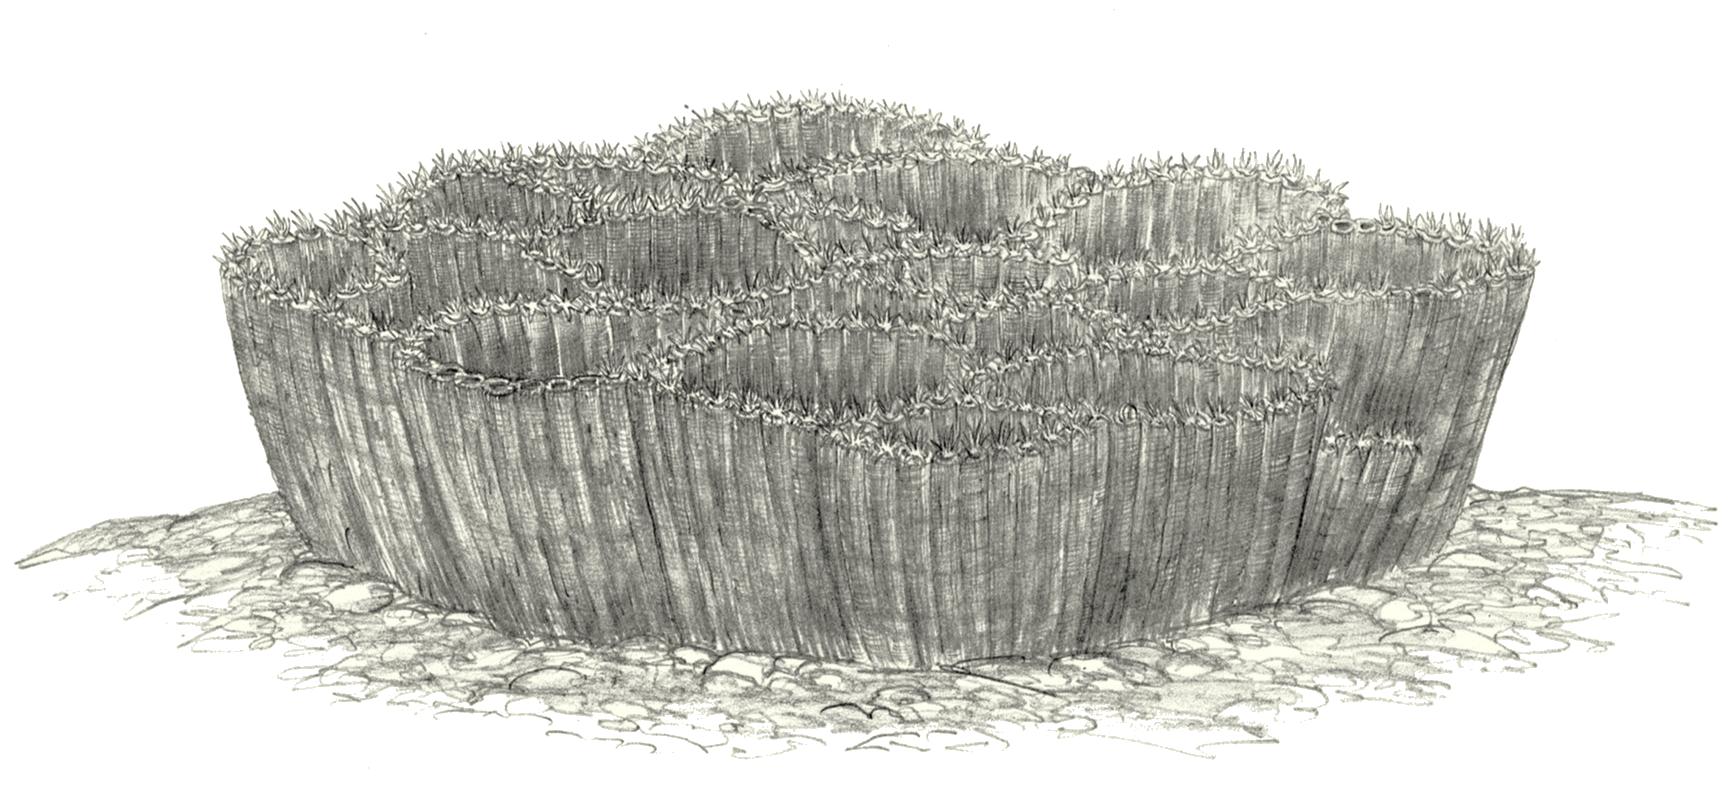 Koralowce kolonijne z grupy denkowców i rodzaju Halysites (rys. Jakub Kowalski).